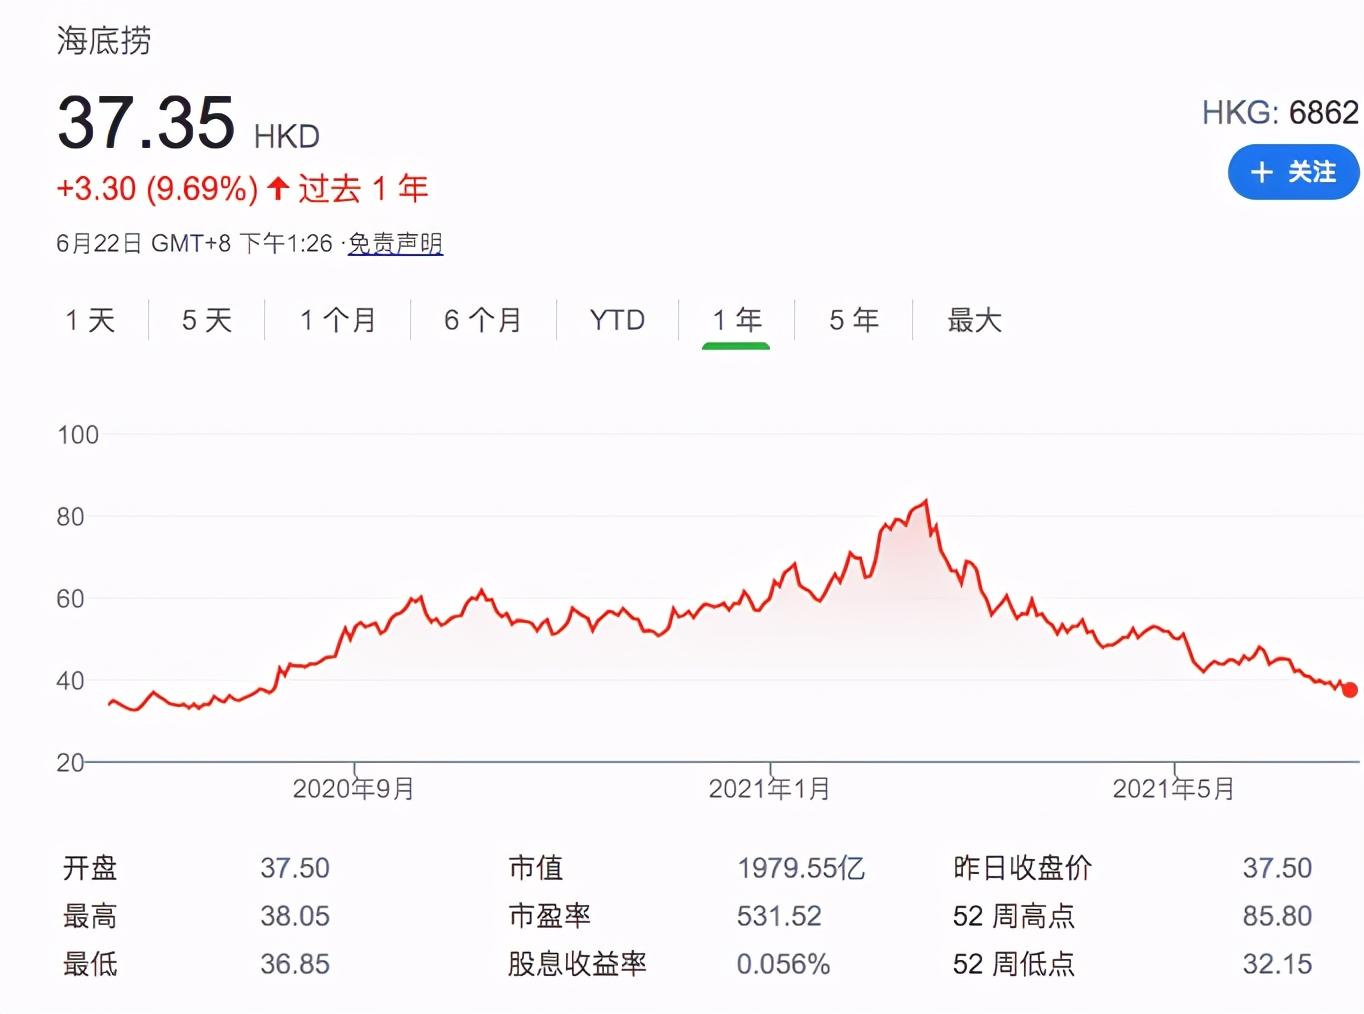 海底捞股价创年内新低,4个月蒸发近2500亿,张勇让出新加坡首富